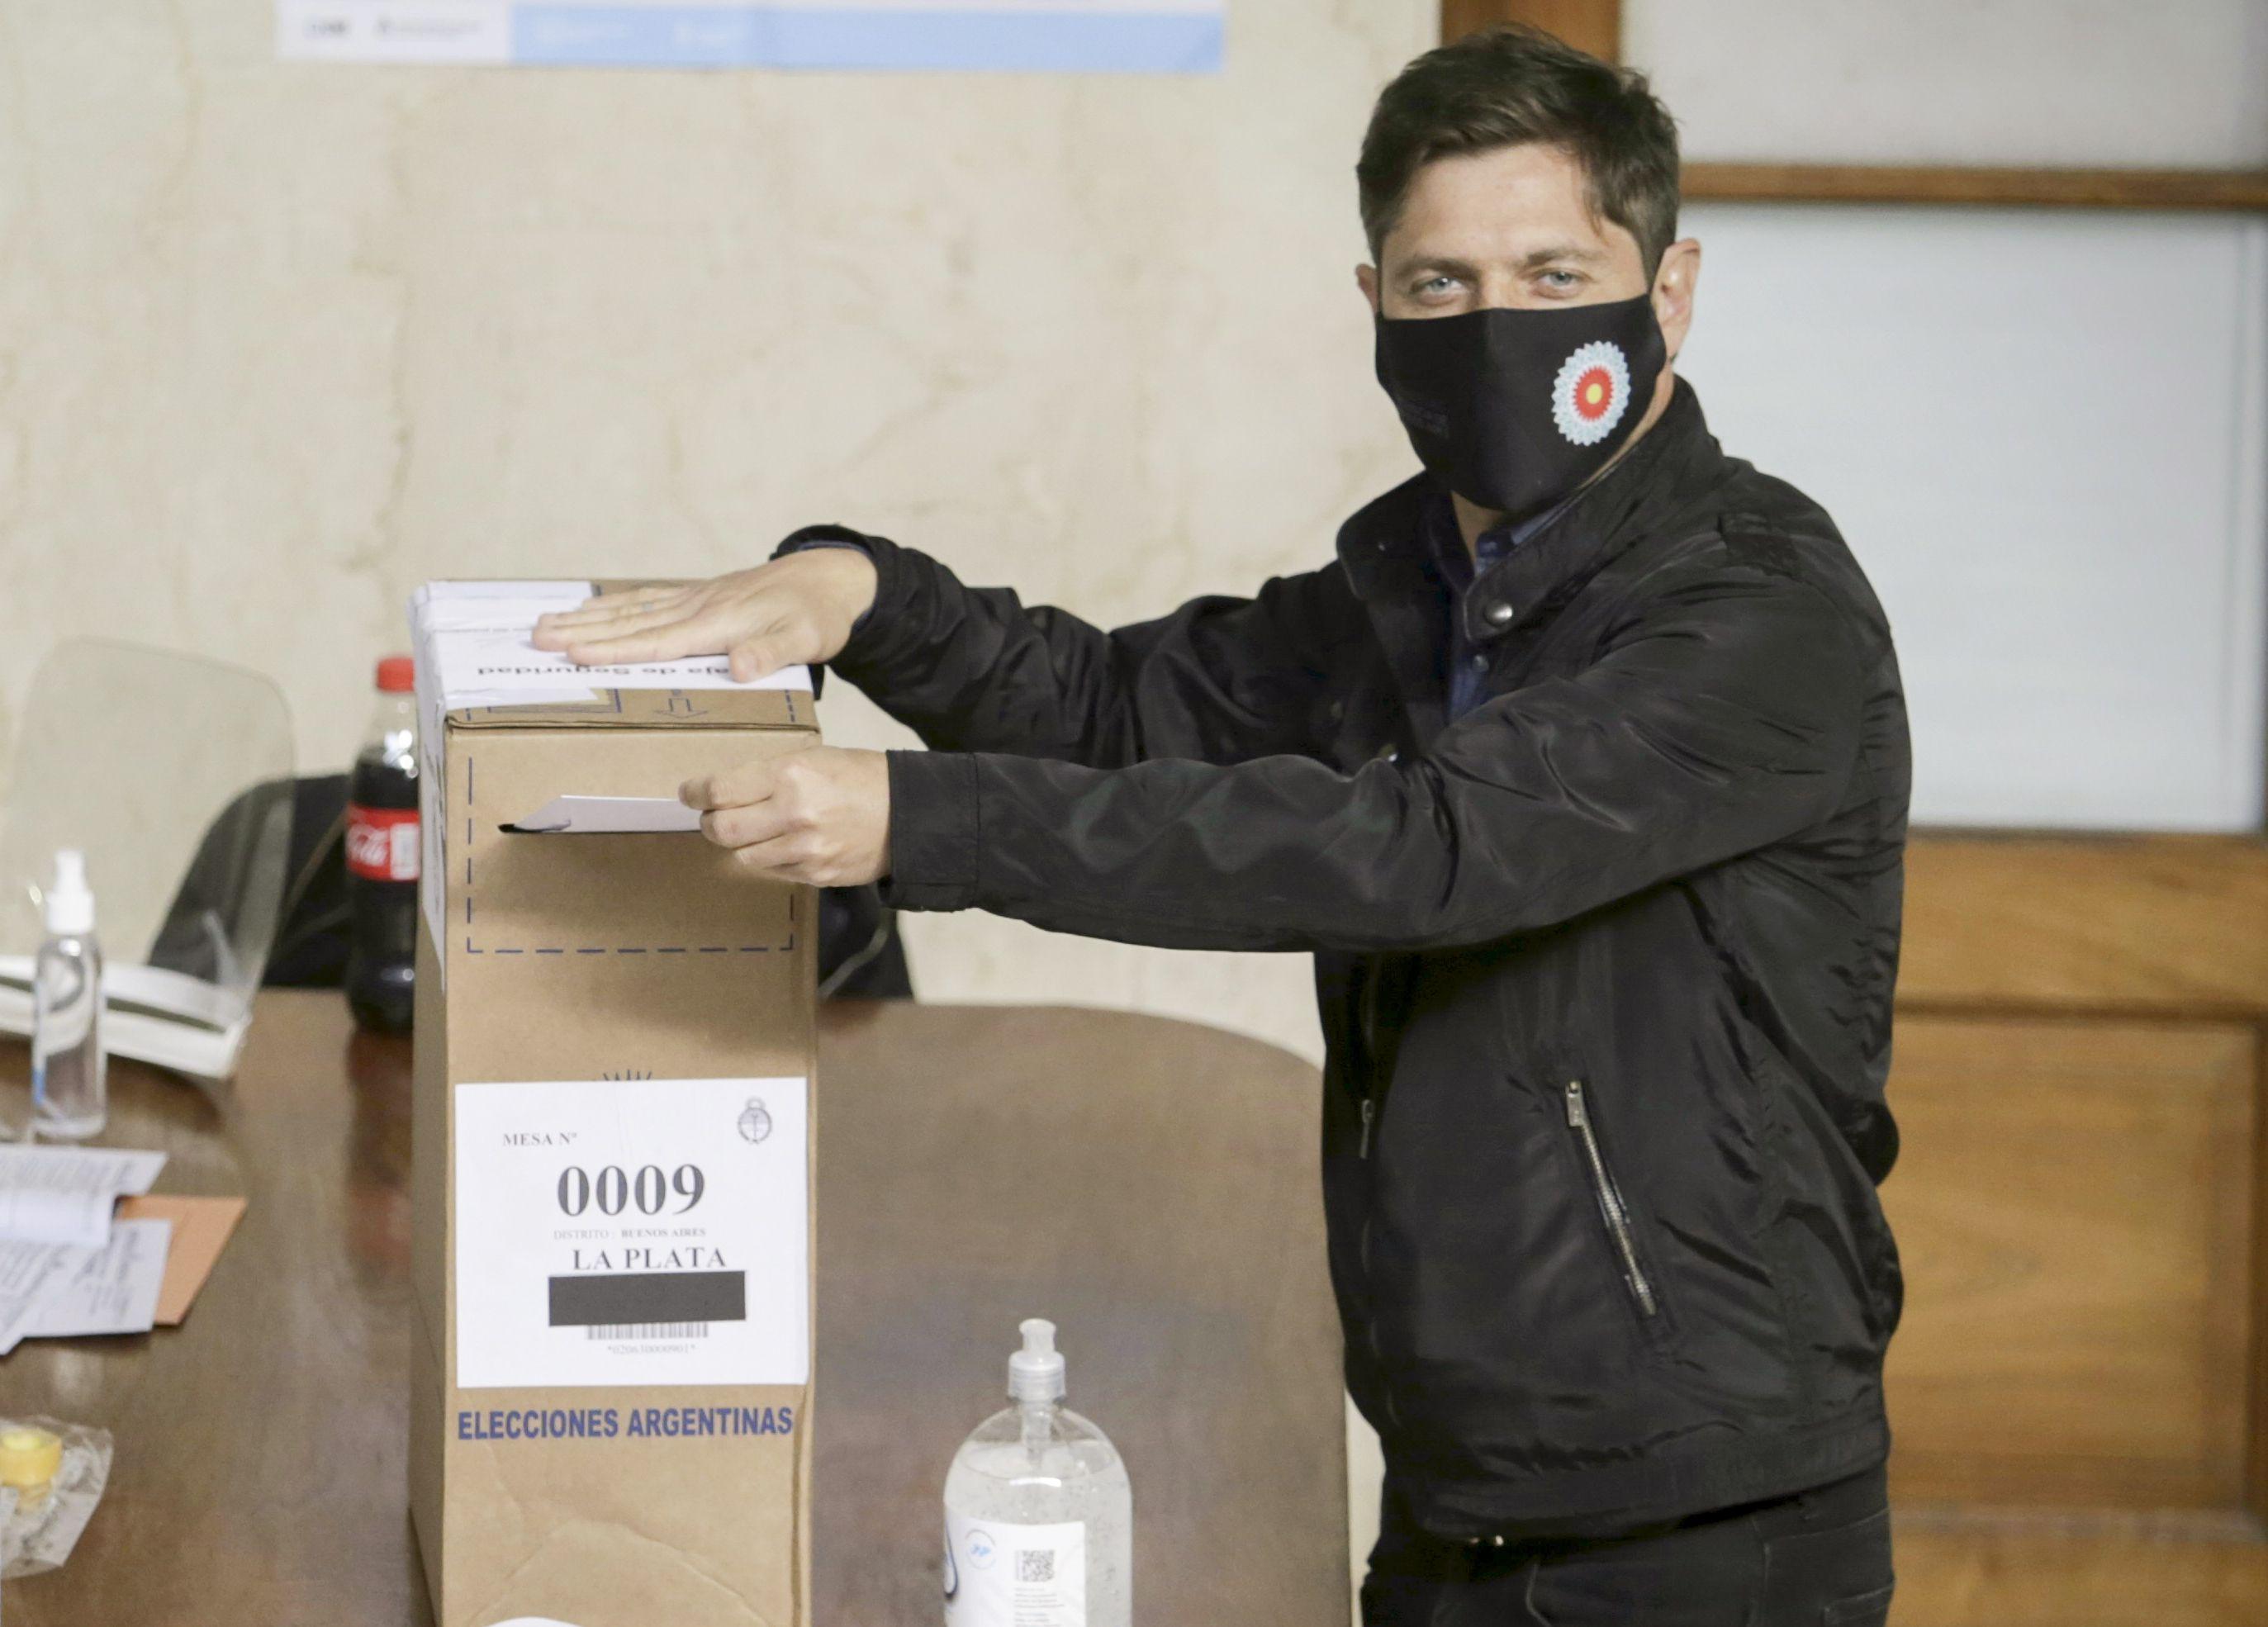 Voto Axel Kicillof - Paso 2021